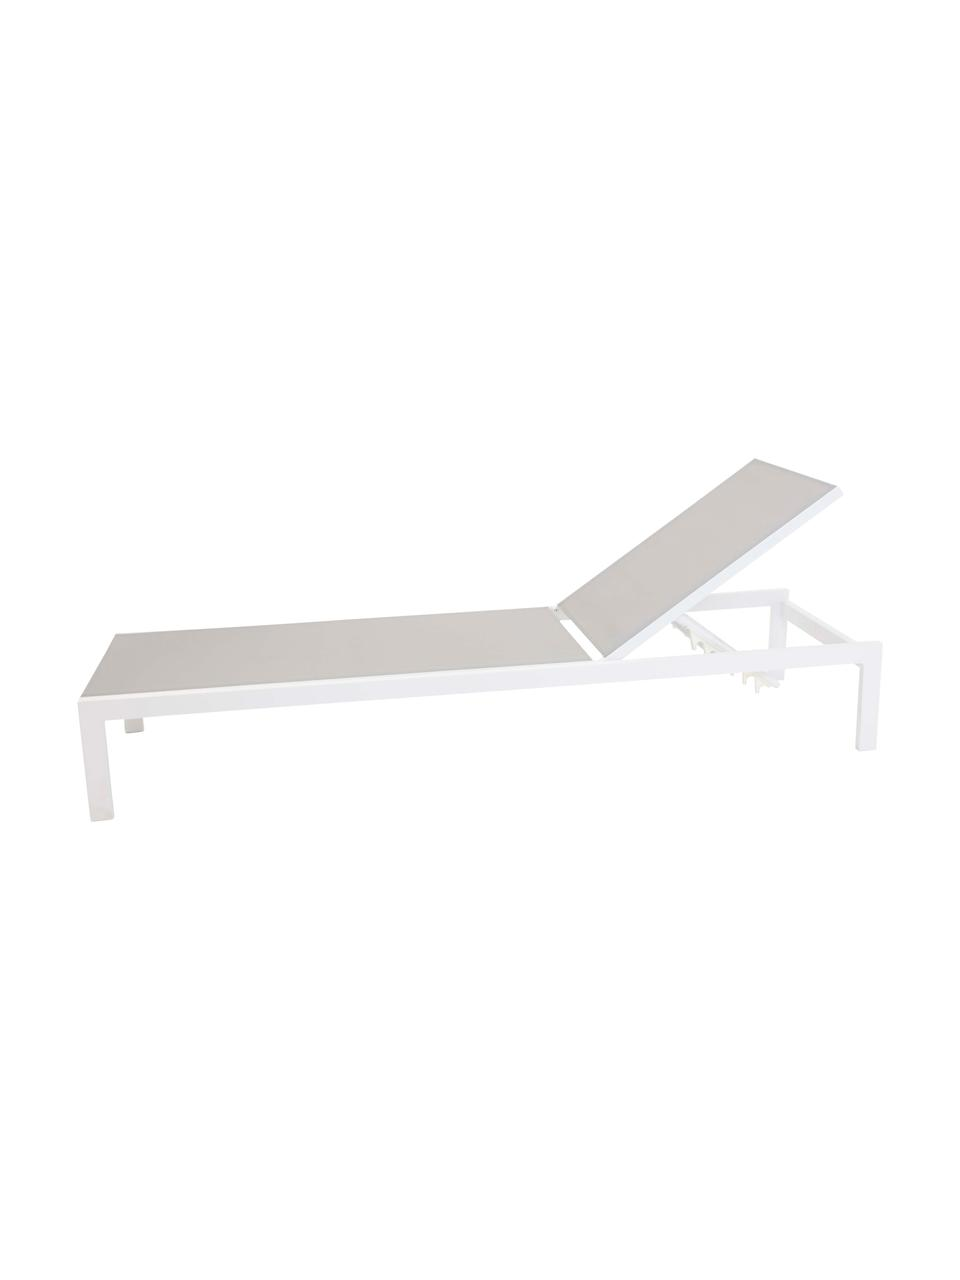 Lettino prendisole in alluminio bianco/grigio chiaro Copacabana, Struttura: alluminio laccato, Bianco, Lung. 195 x Larg. 60 cm